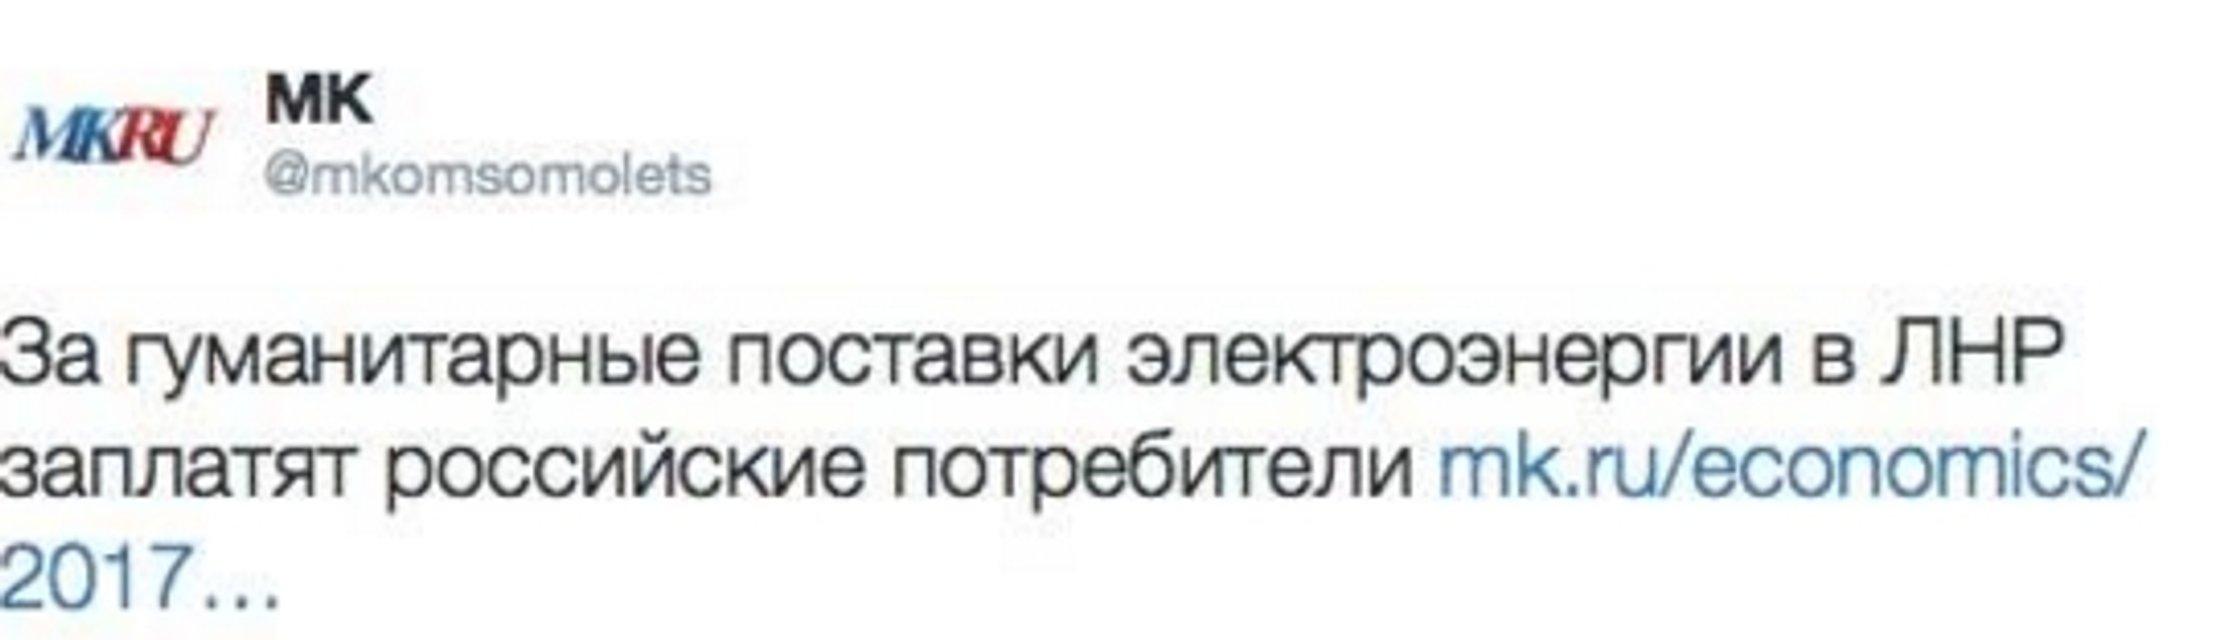 Чорний день, темна ніч. Чому припинення подачі електроенергії до Луганська – хороший знак - фото 44145